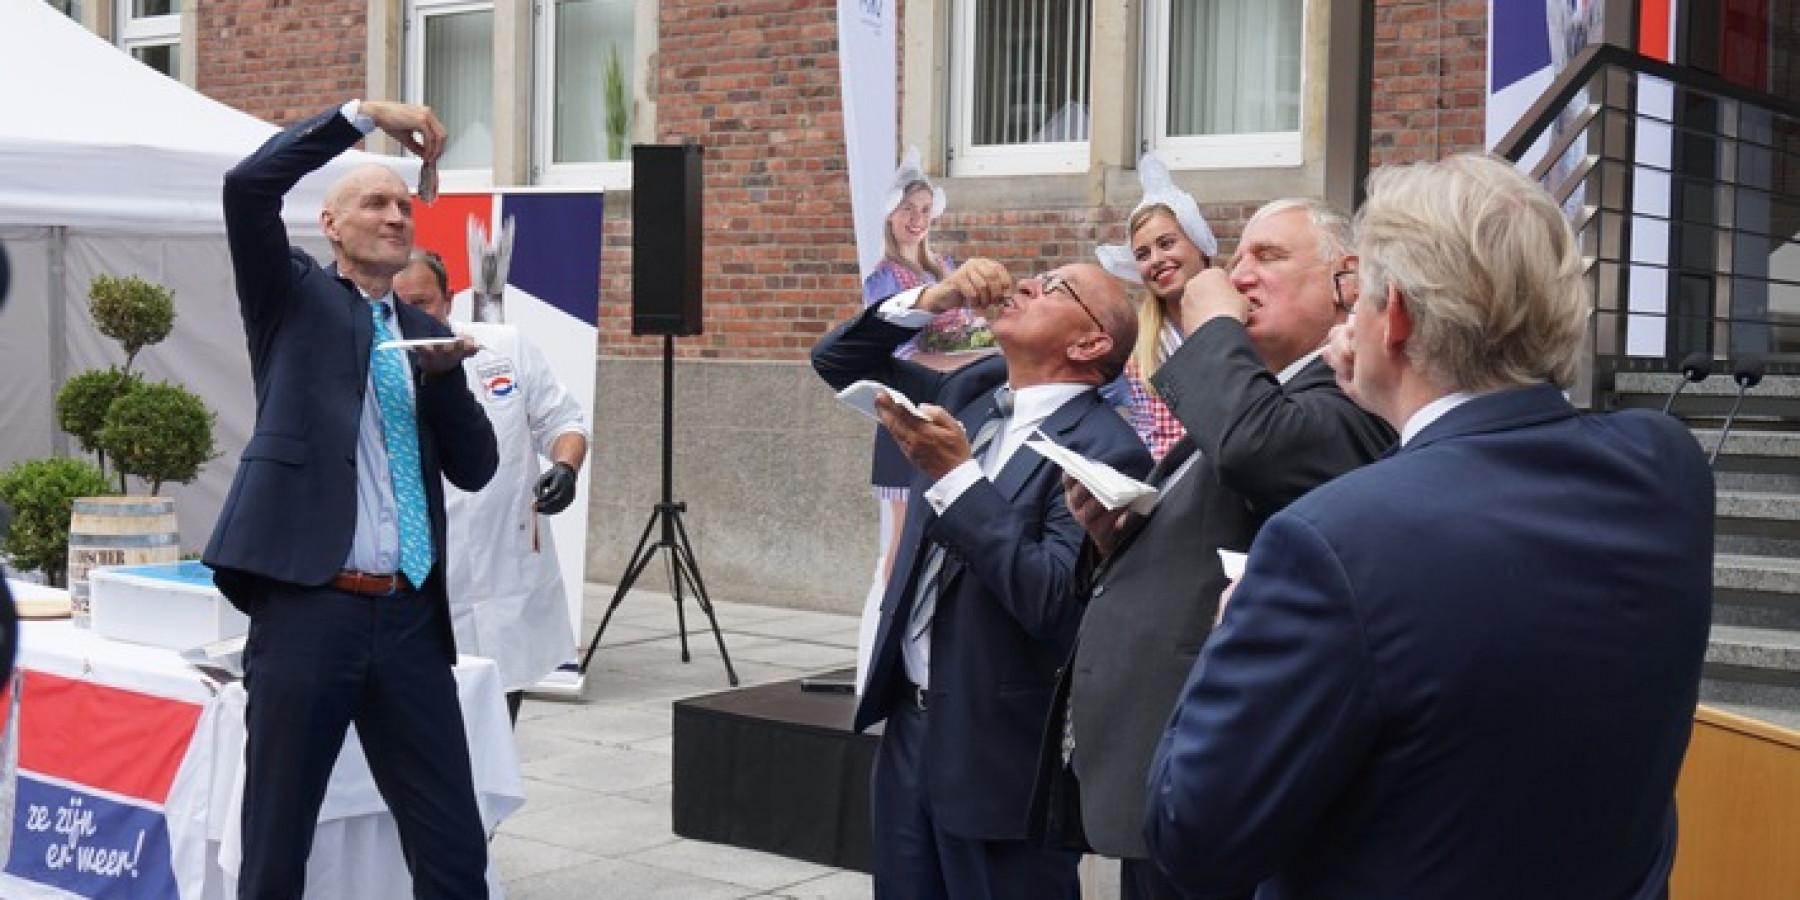 Niederländischer Minister überreicht deutschem Gesundheitswesen symbolisches Matjesfass